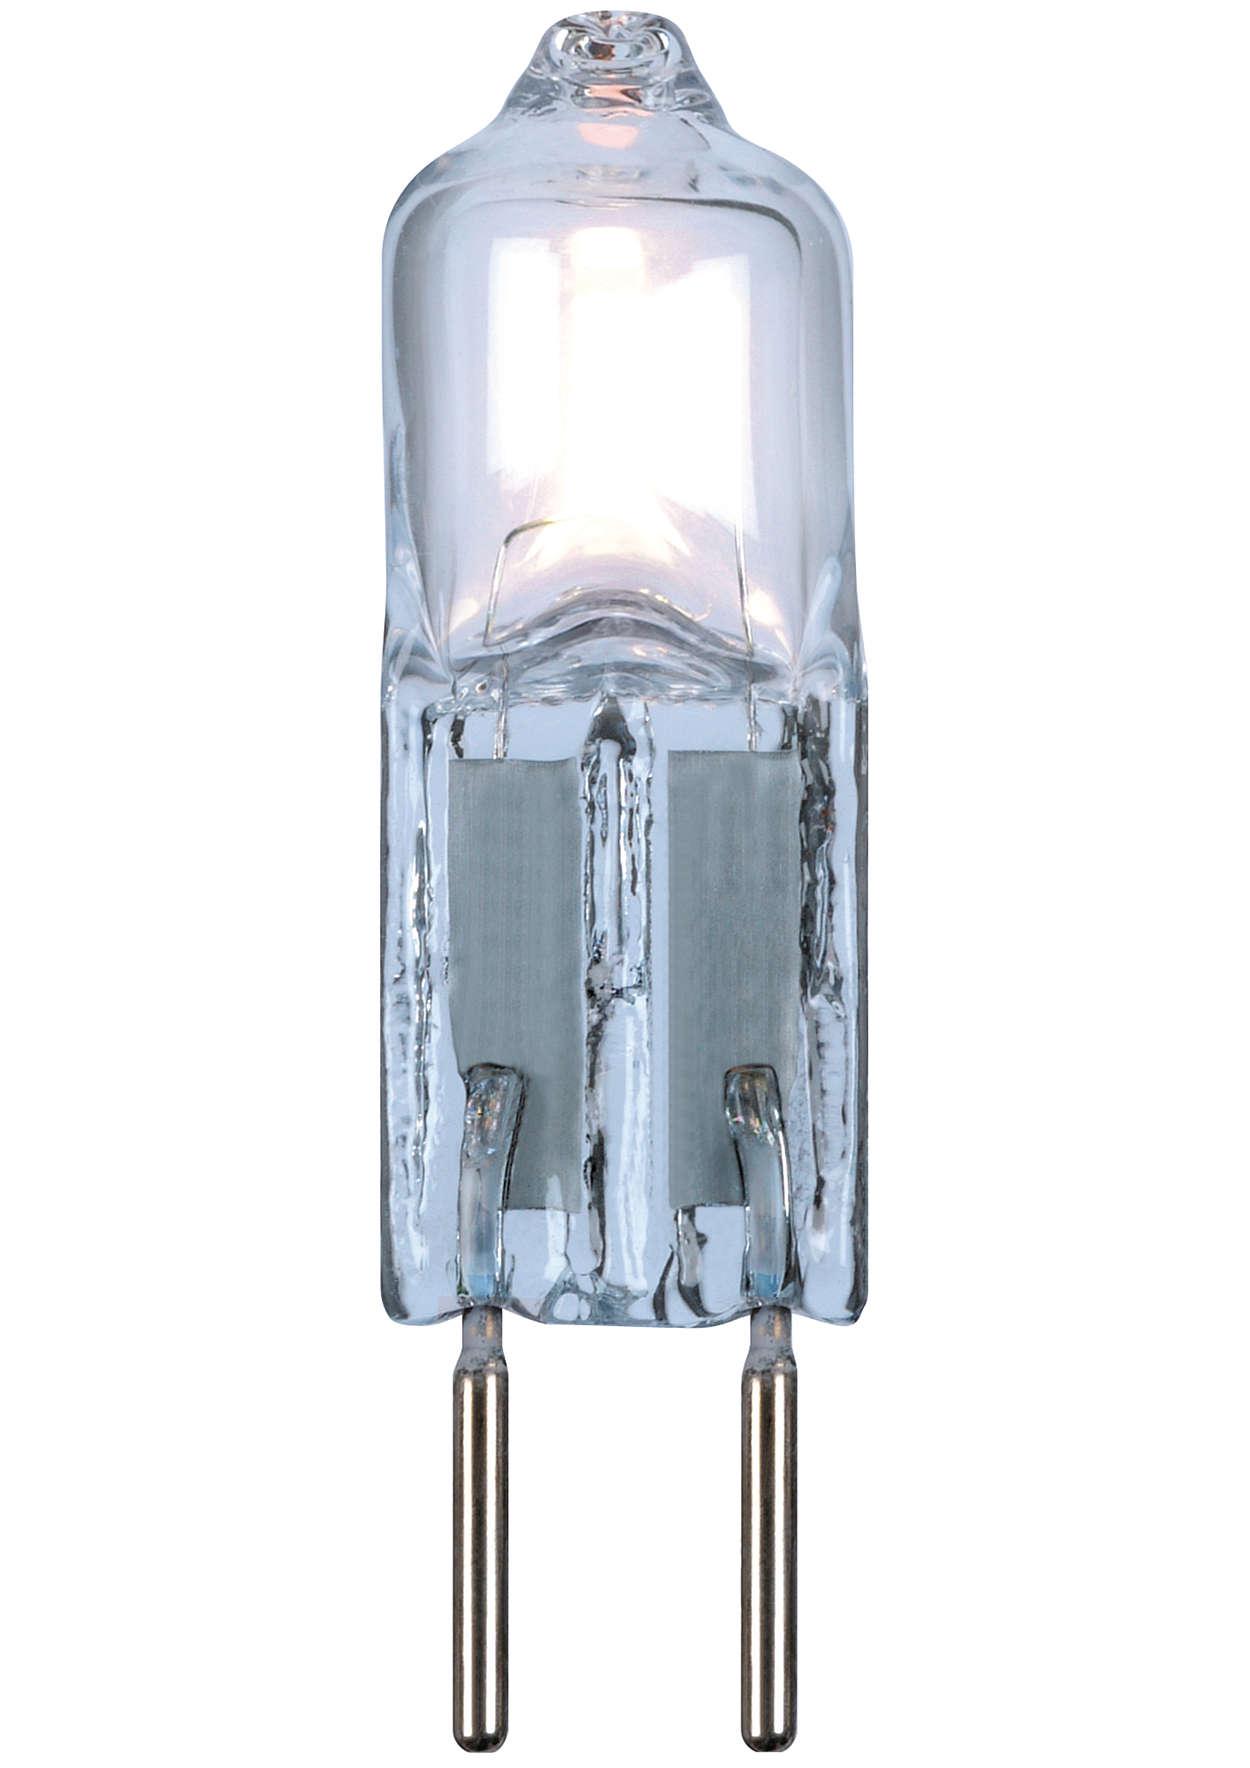 Štandardné halogénové svietidlo